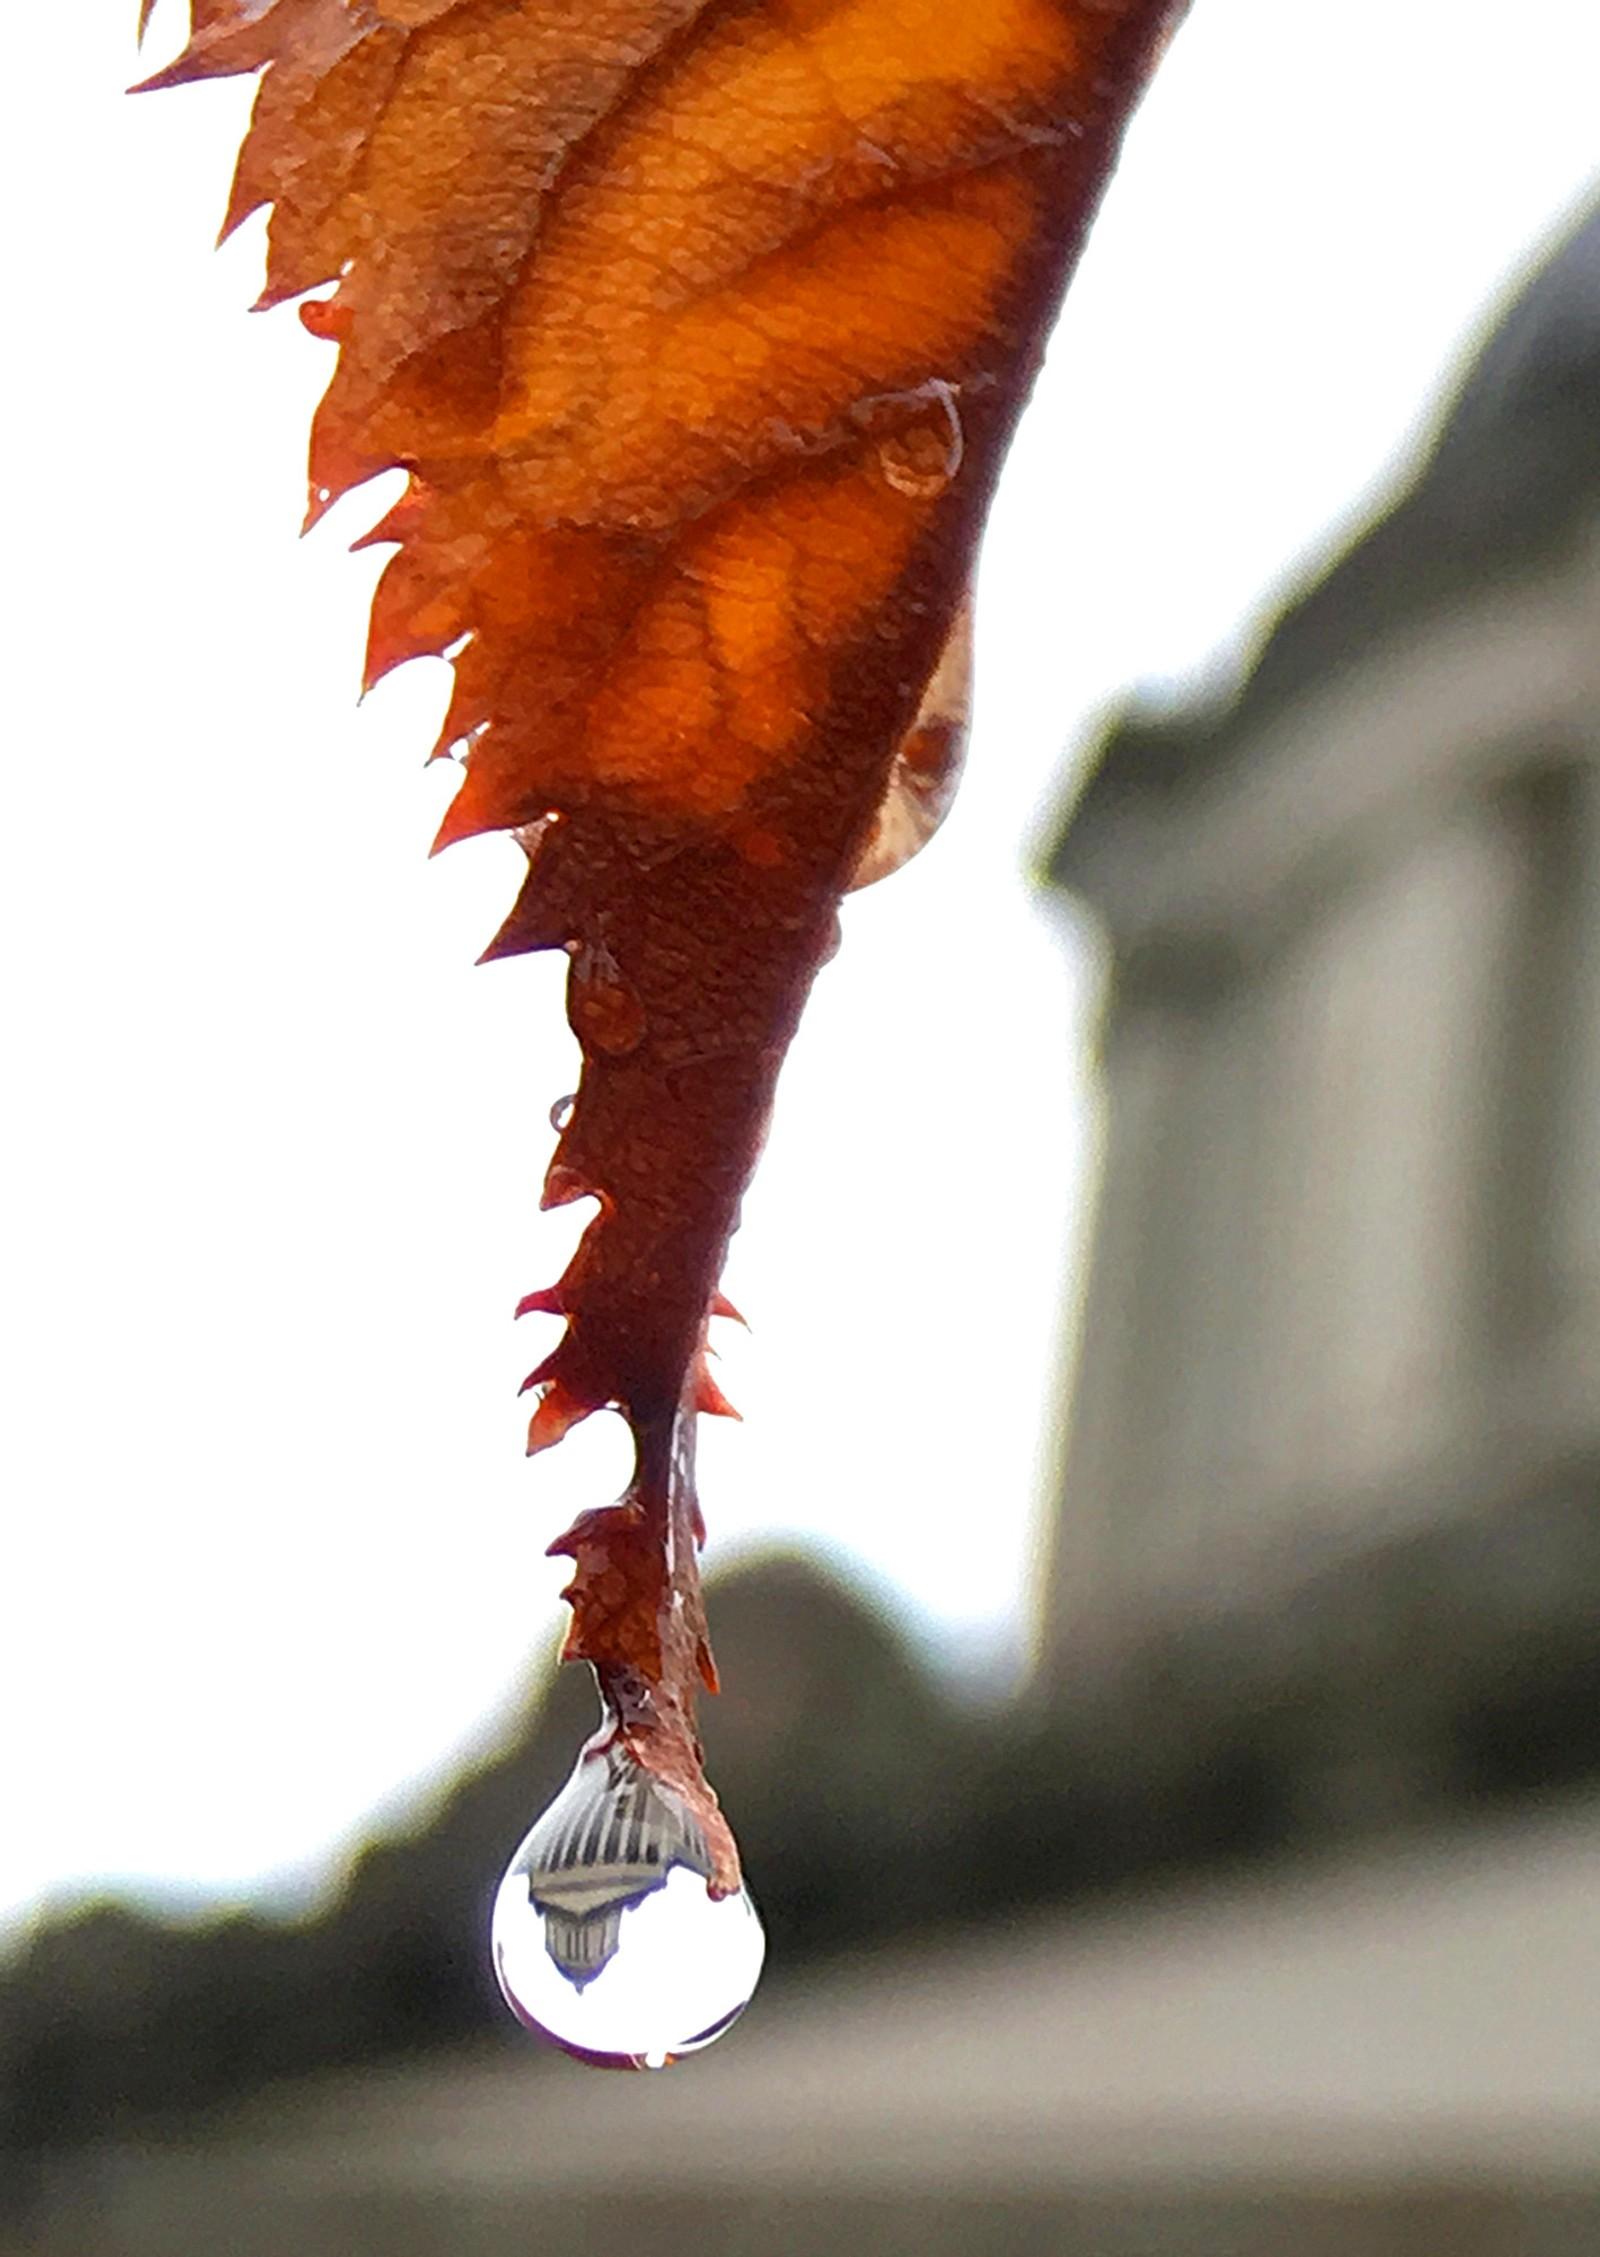 Et høstblad feller en tåre ved Washington State Capitol i USA.